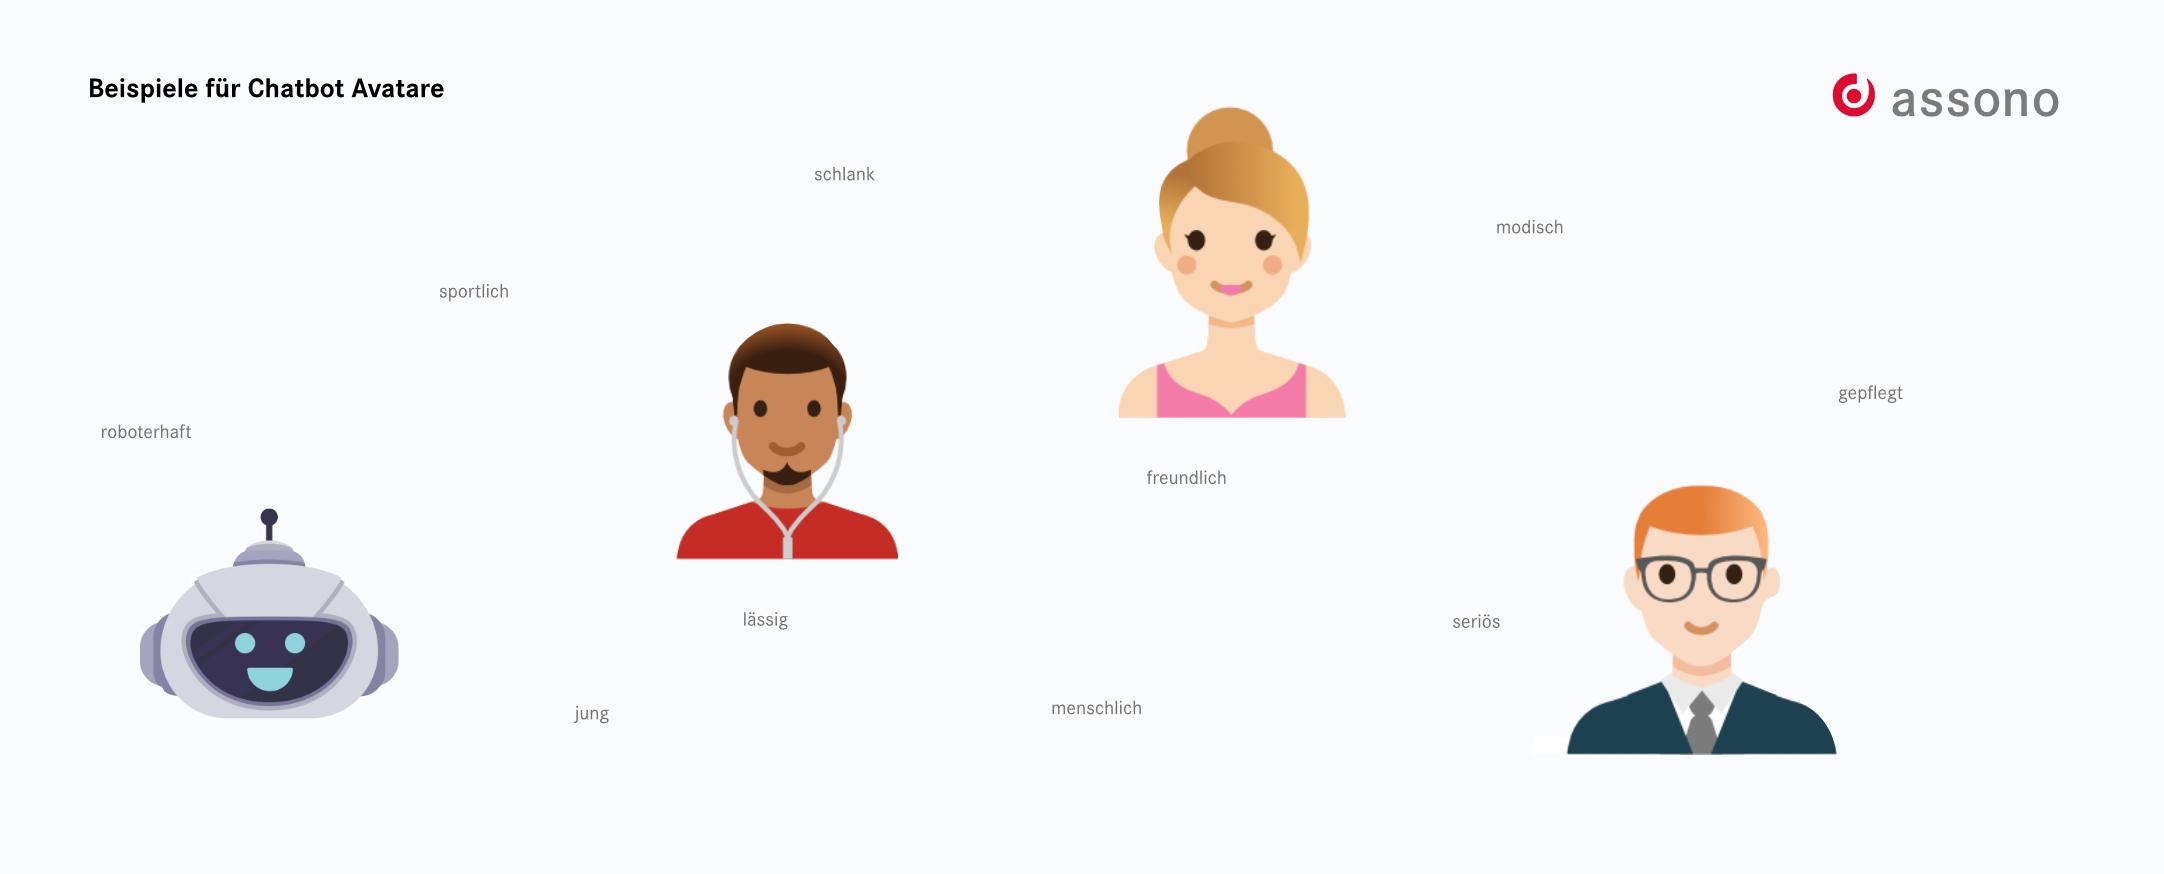 Beispiel für Chatbot Avatare - Menschen, Logos, Illustrationen, Roboter